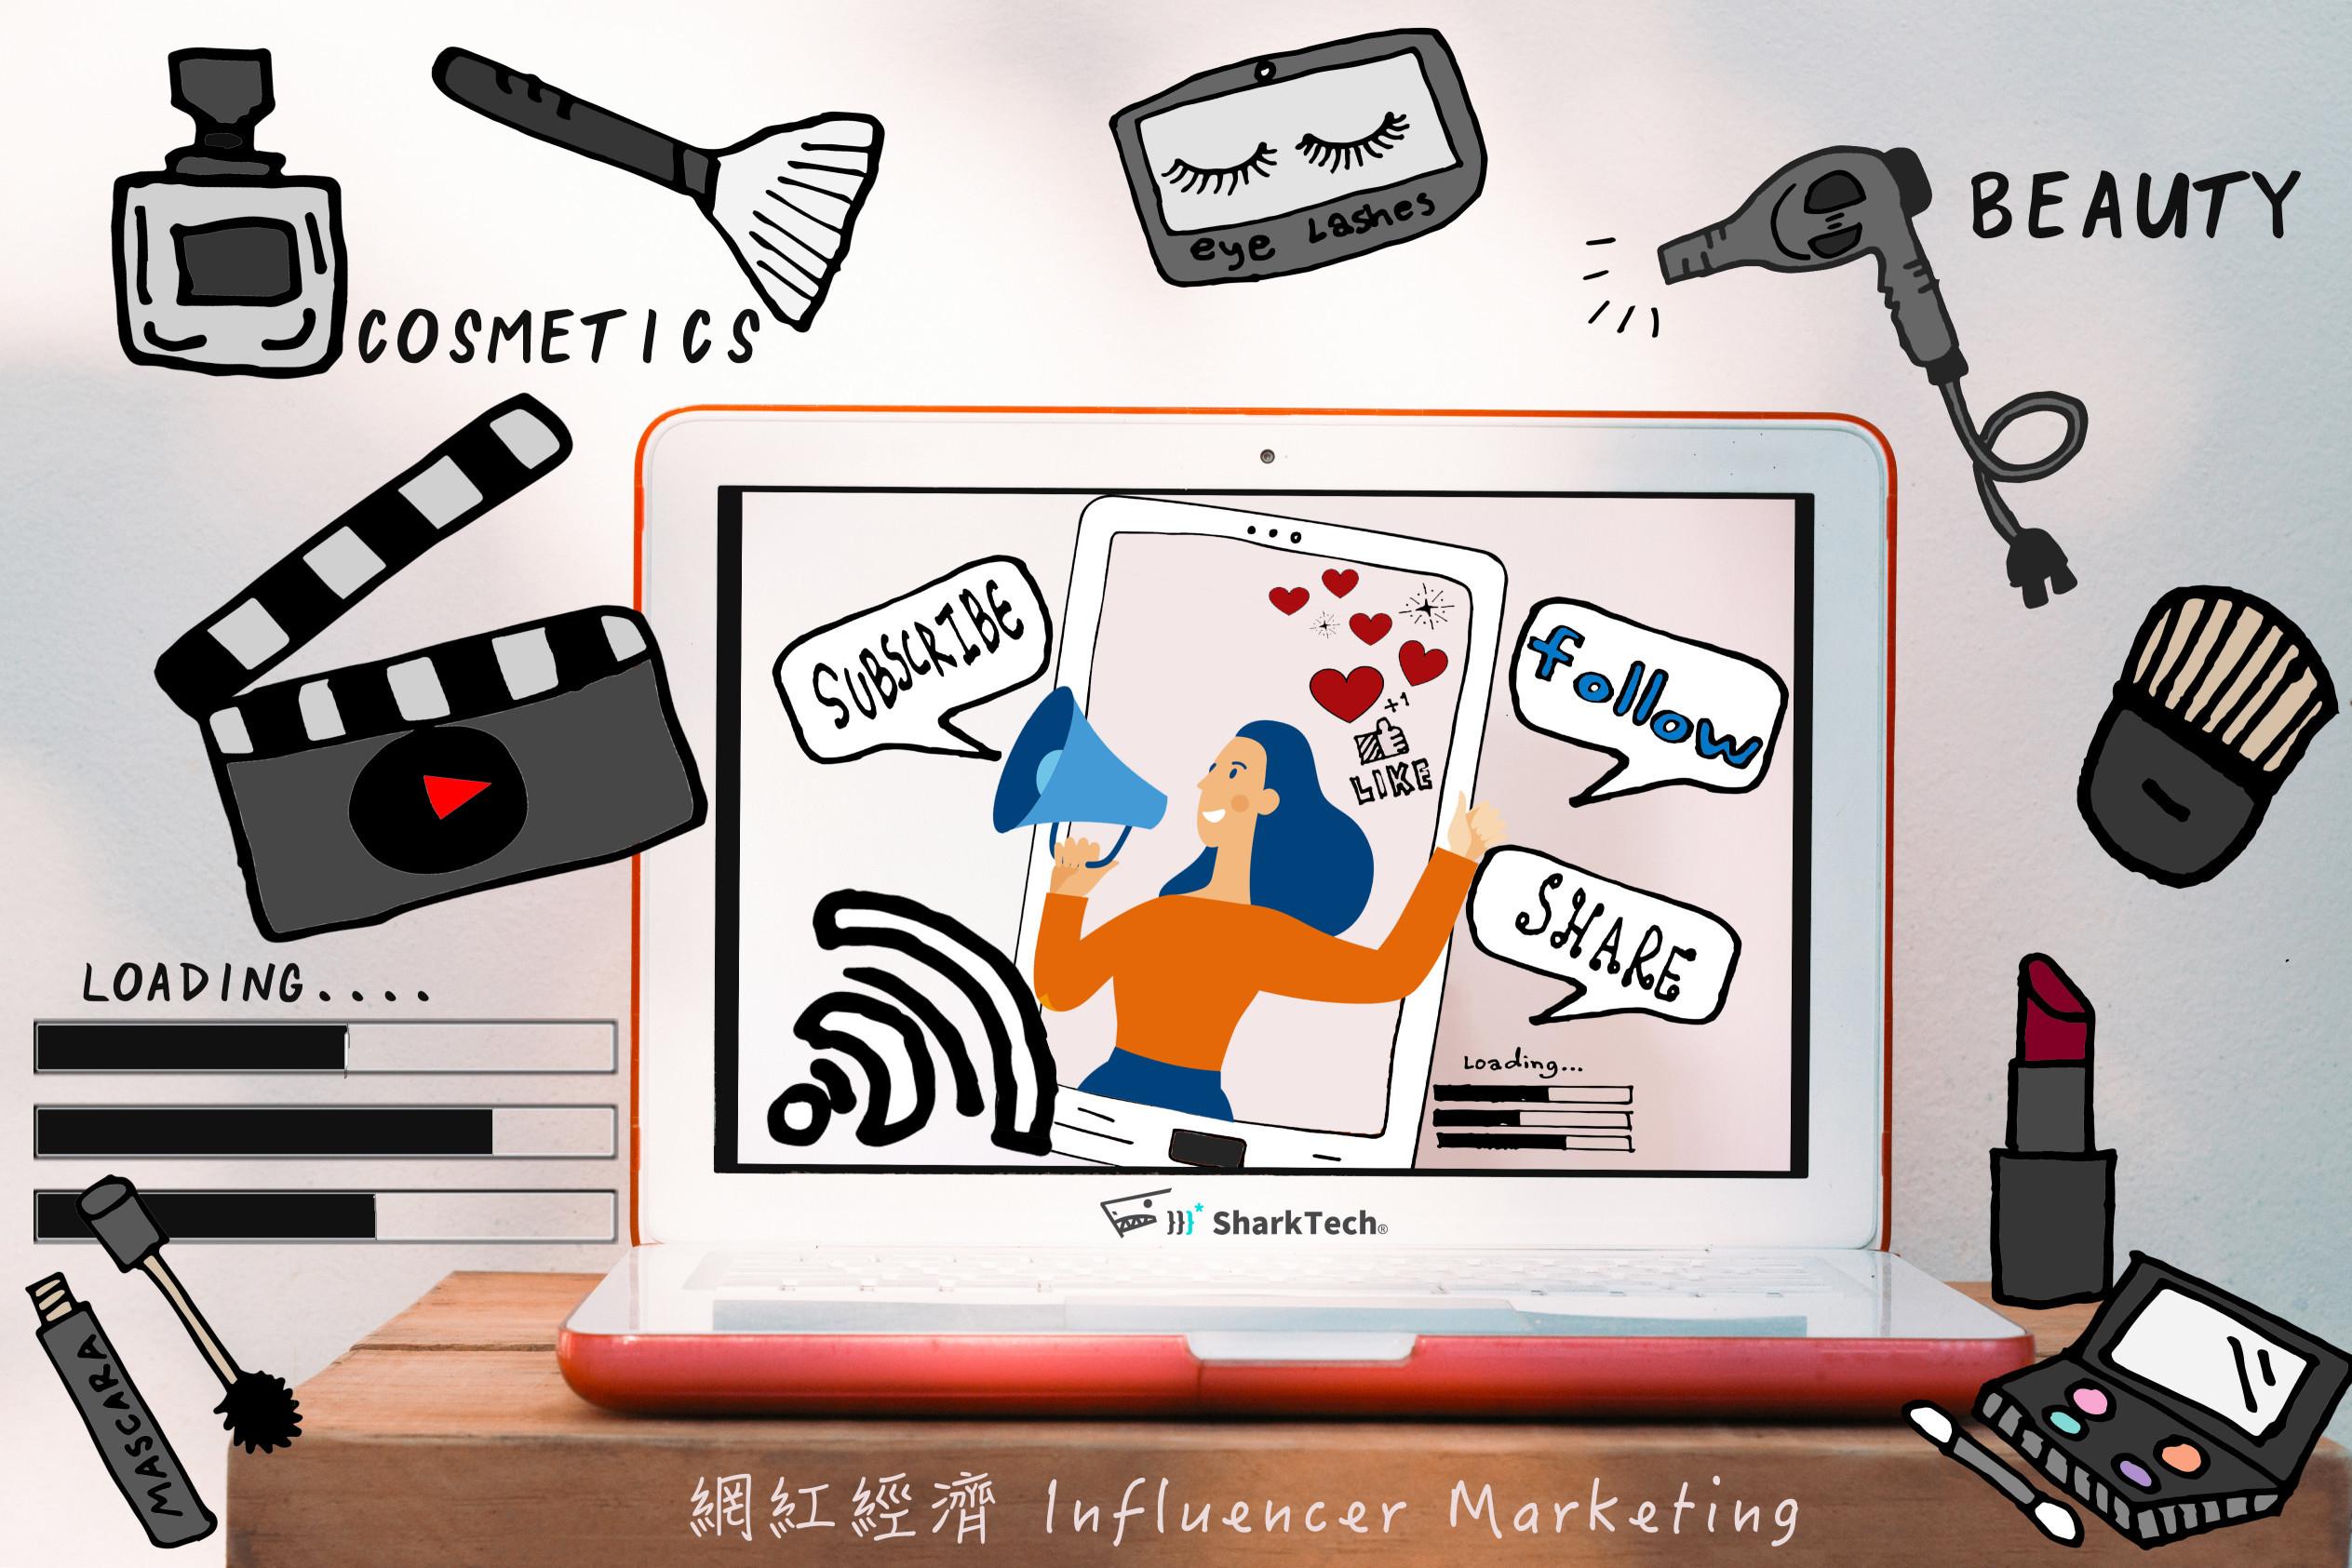 網紅經濟KOL行銷,運用社群影響力創造營收首圖-鯊客科技SEO網路行銷公司